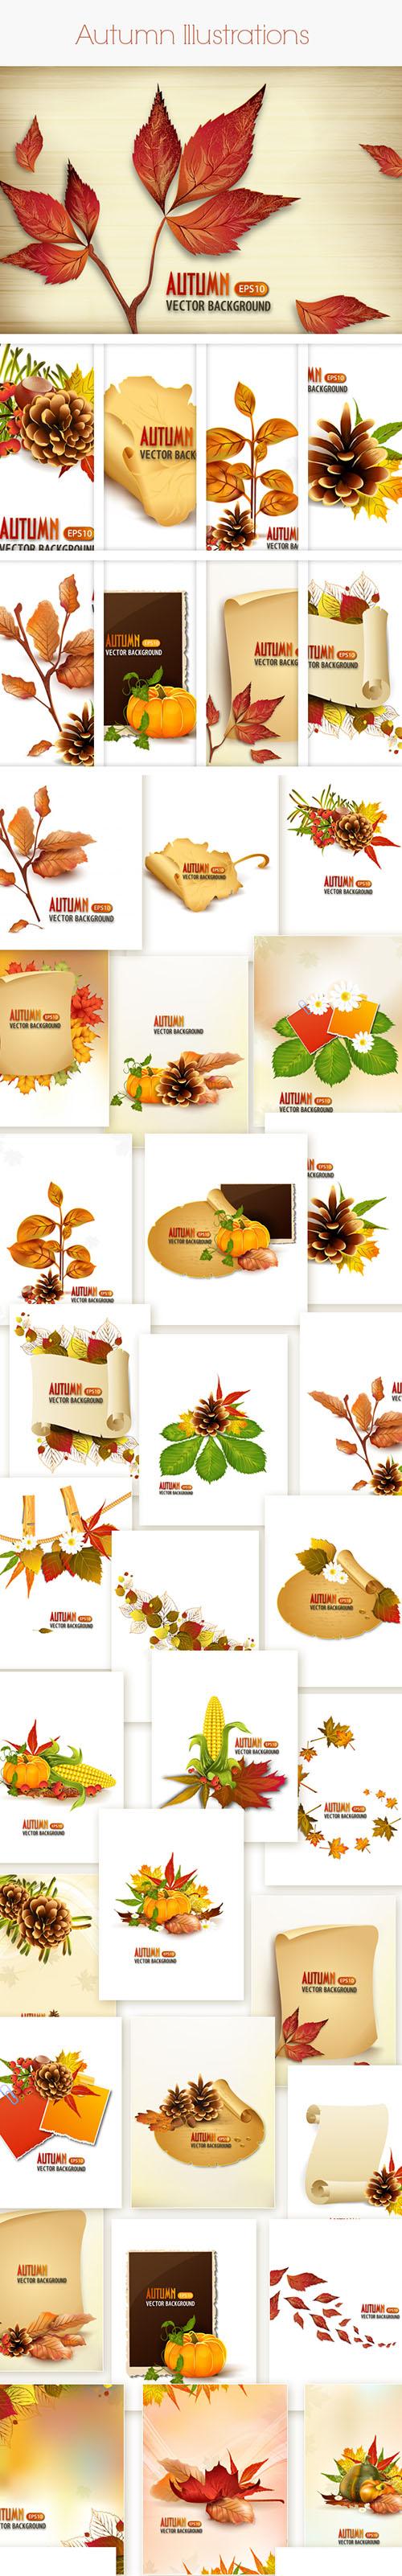 http://www.gfxtra.com/uploads/posts_images/4/5/459956/45c4dbec3575e63e5b5a.jpg